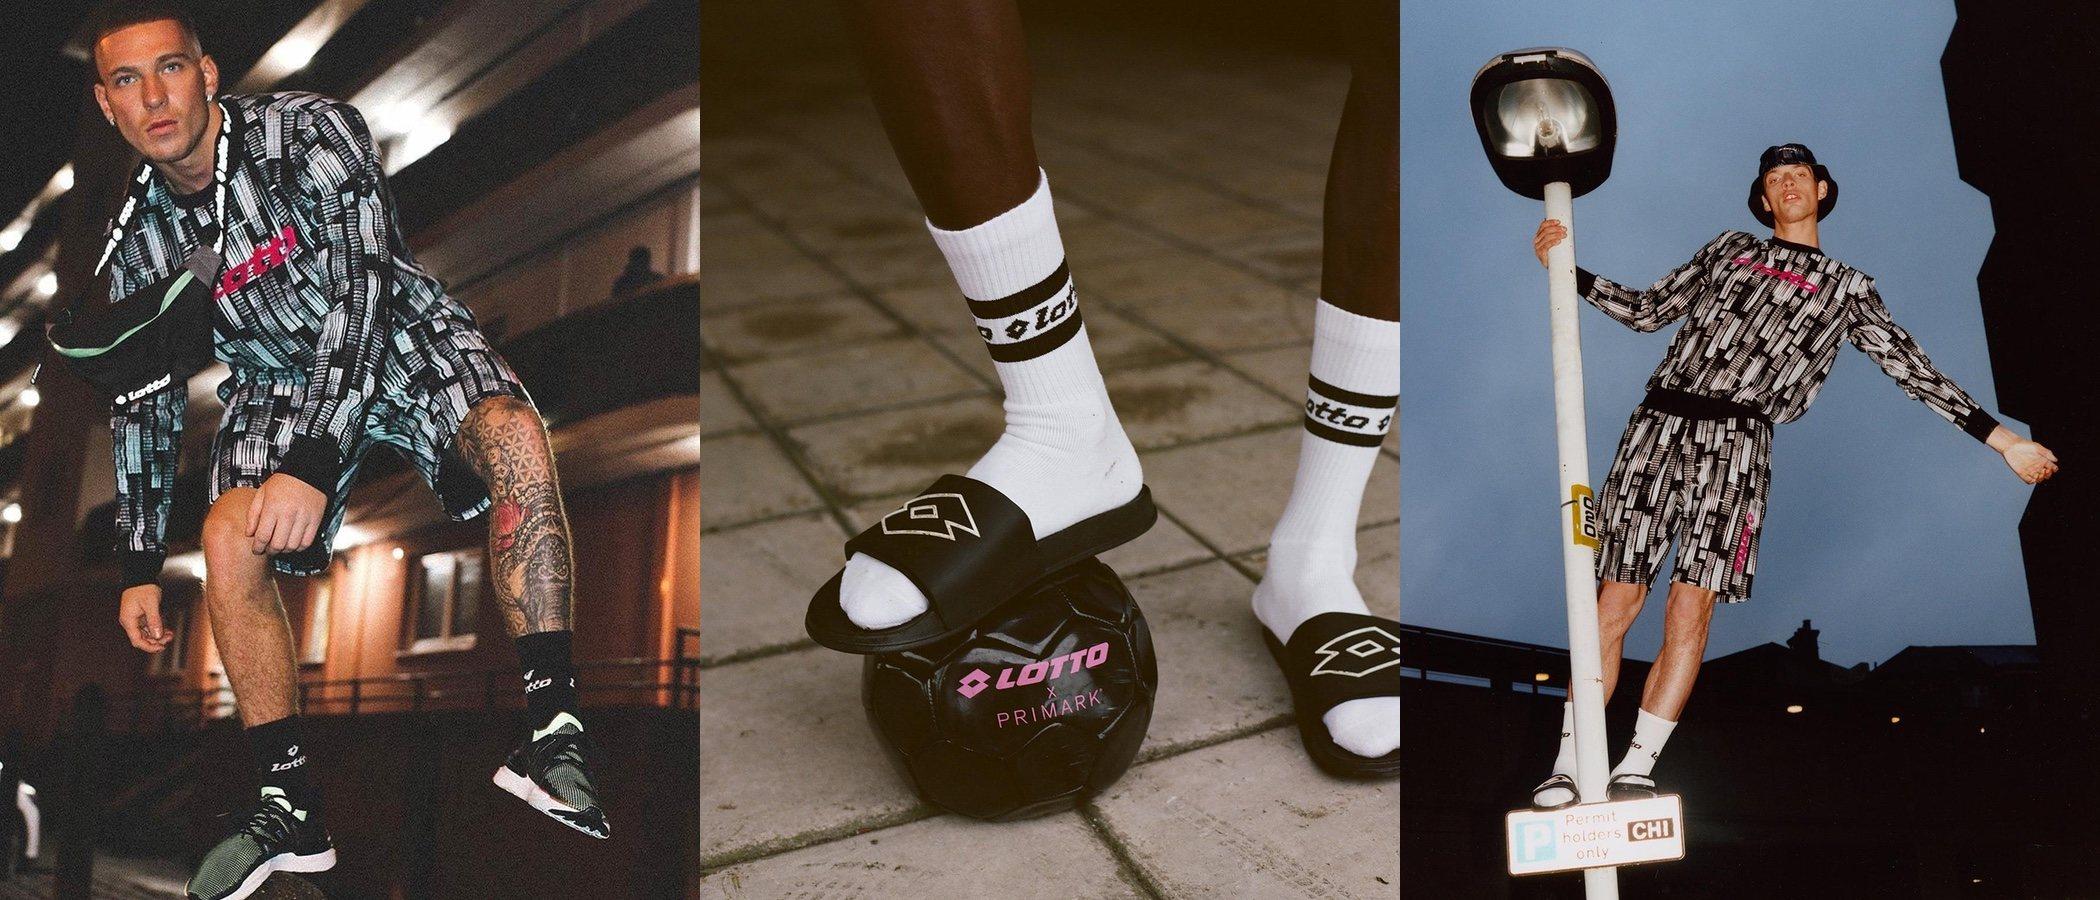 Lotto y Primark lanzan una colección conjunta de prendas deportivas